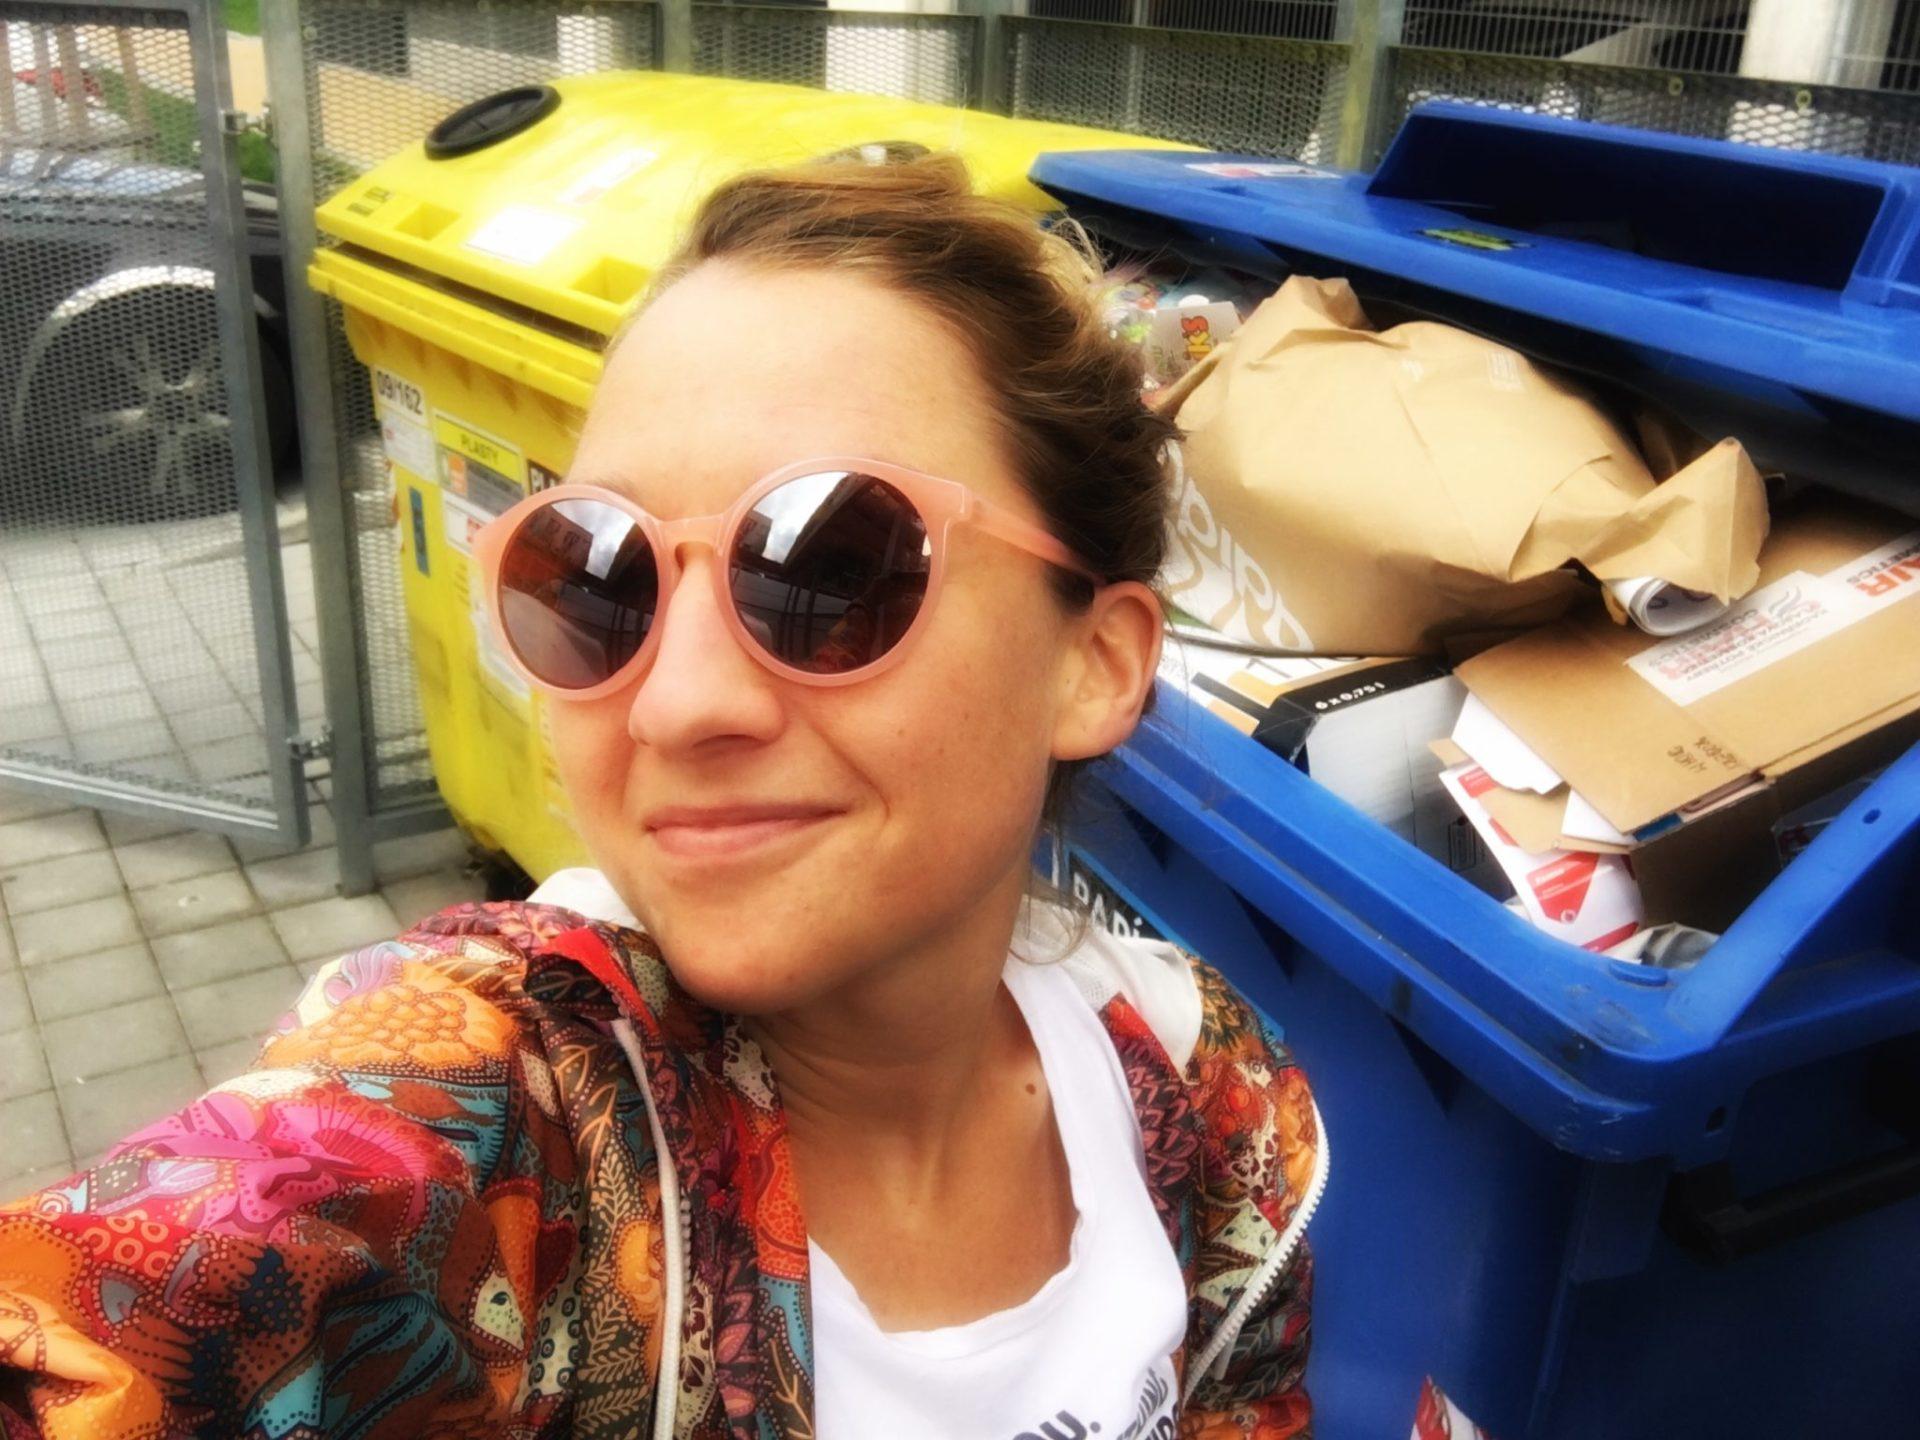 tereza_tobiasova_recyklacelebrity_recyklace_samosebou_kontejnery_plast_papir